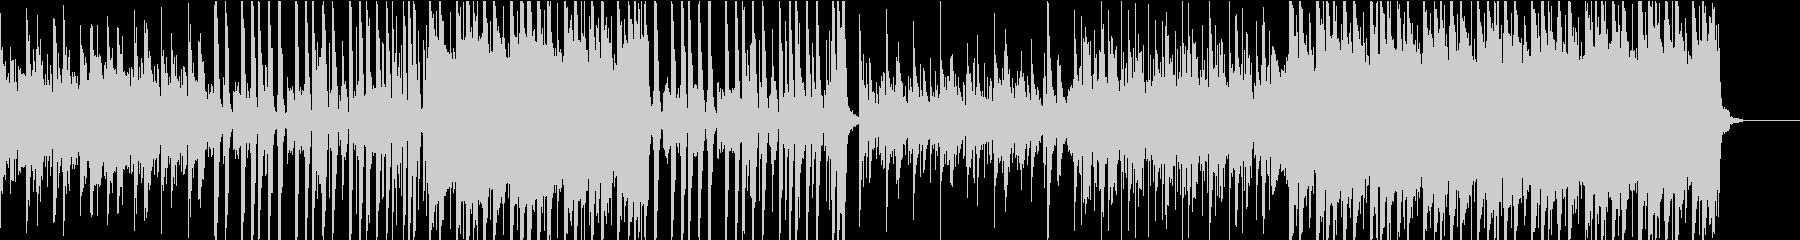 ピアノの旋律が切ないシンセインストの未再生の波形